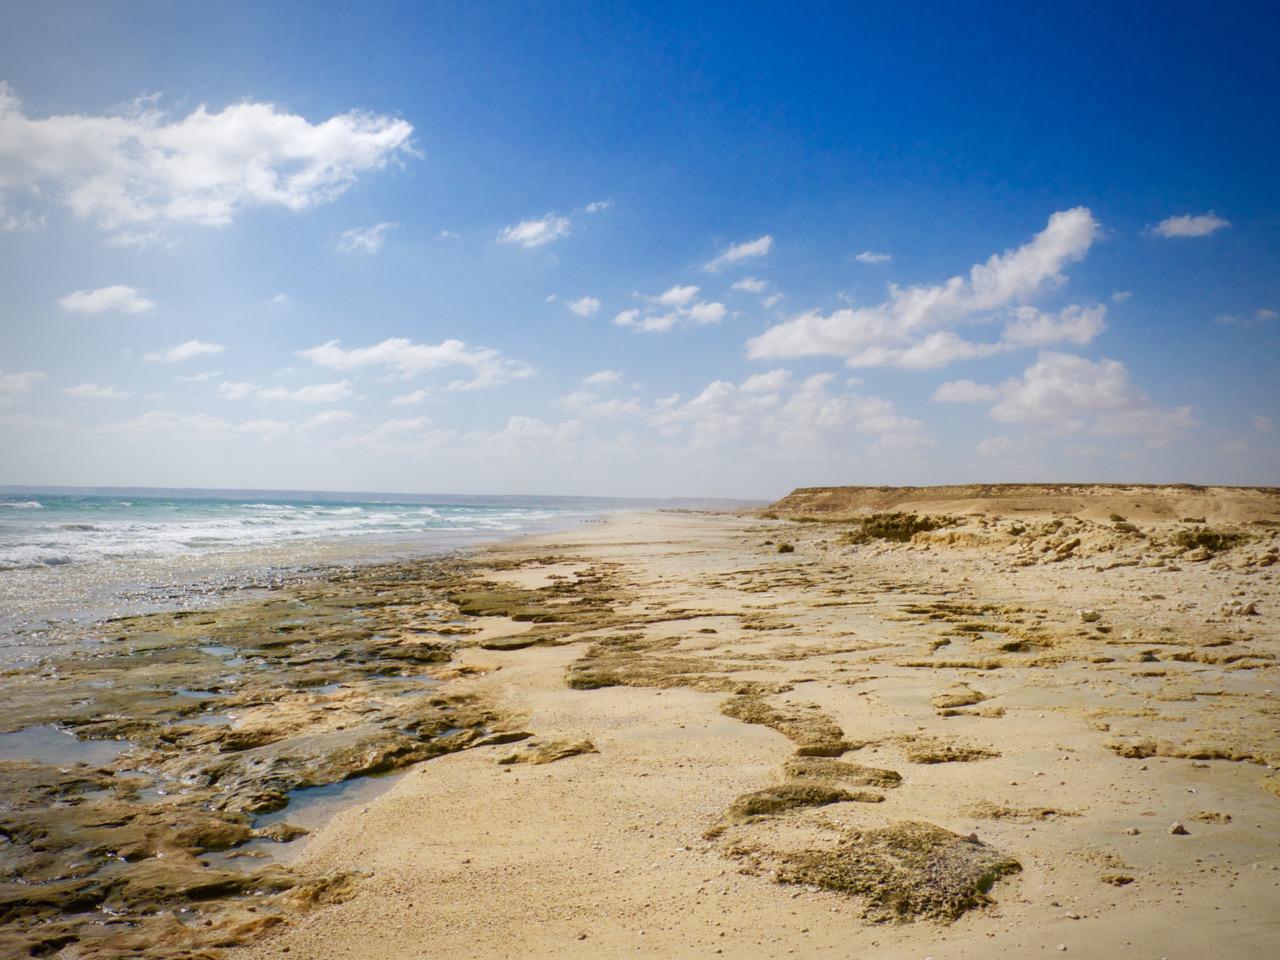 Duqum beach web res - 1